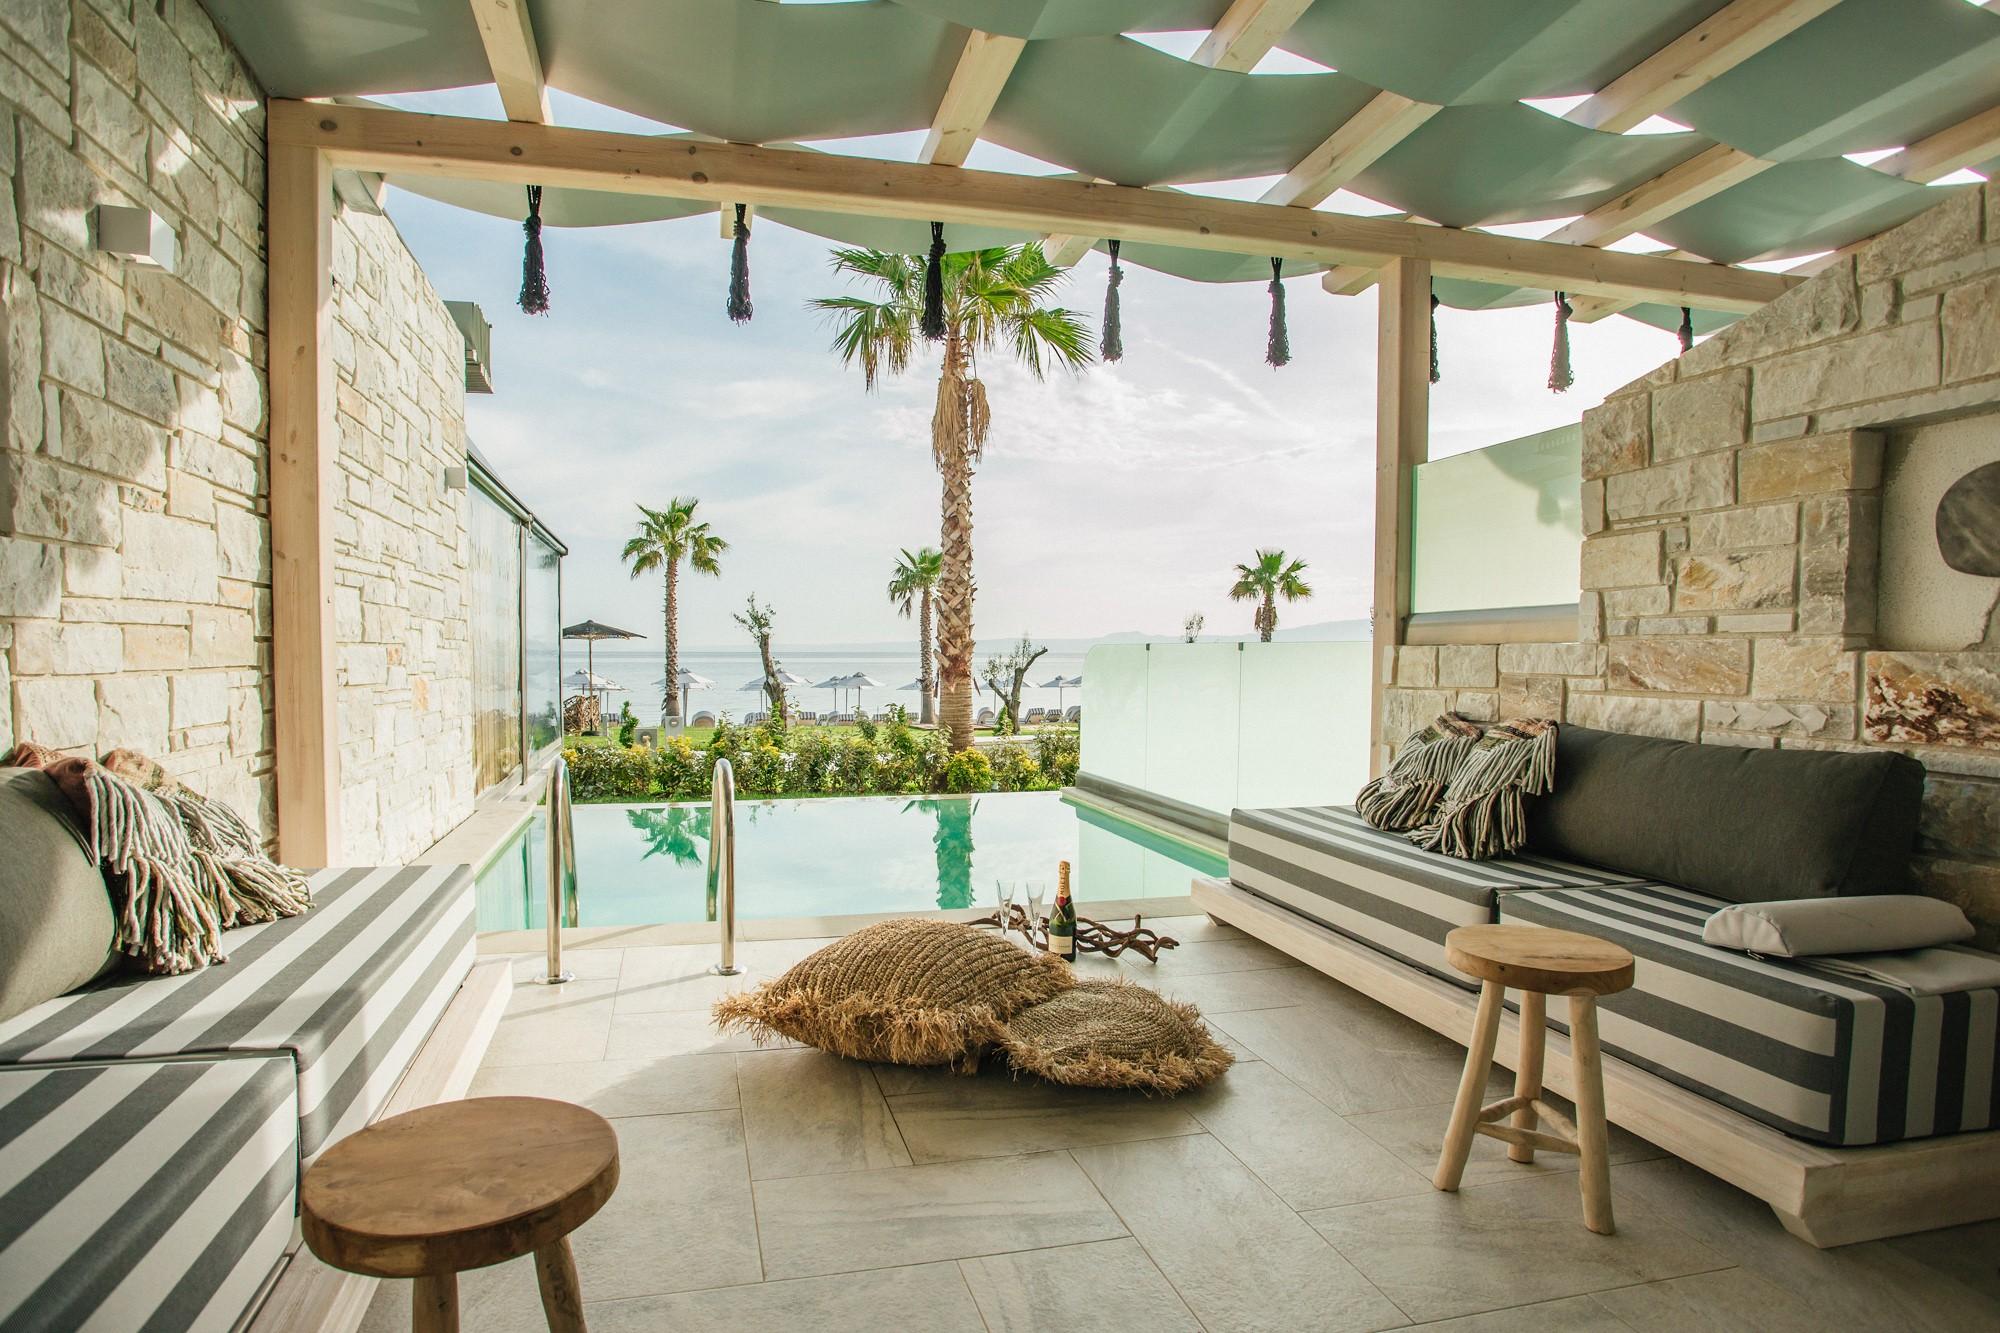 Επαγγελματική Φωτογράφιση ξενοδοχείων - Ξενοδοχείο Blue Carpet Luxury Suites